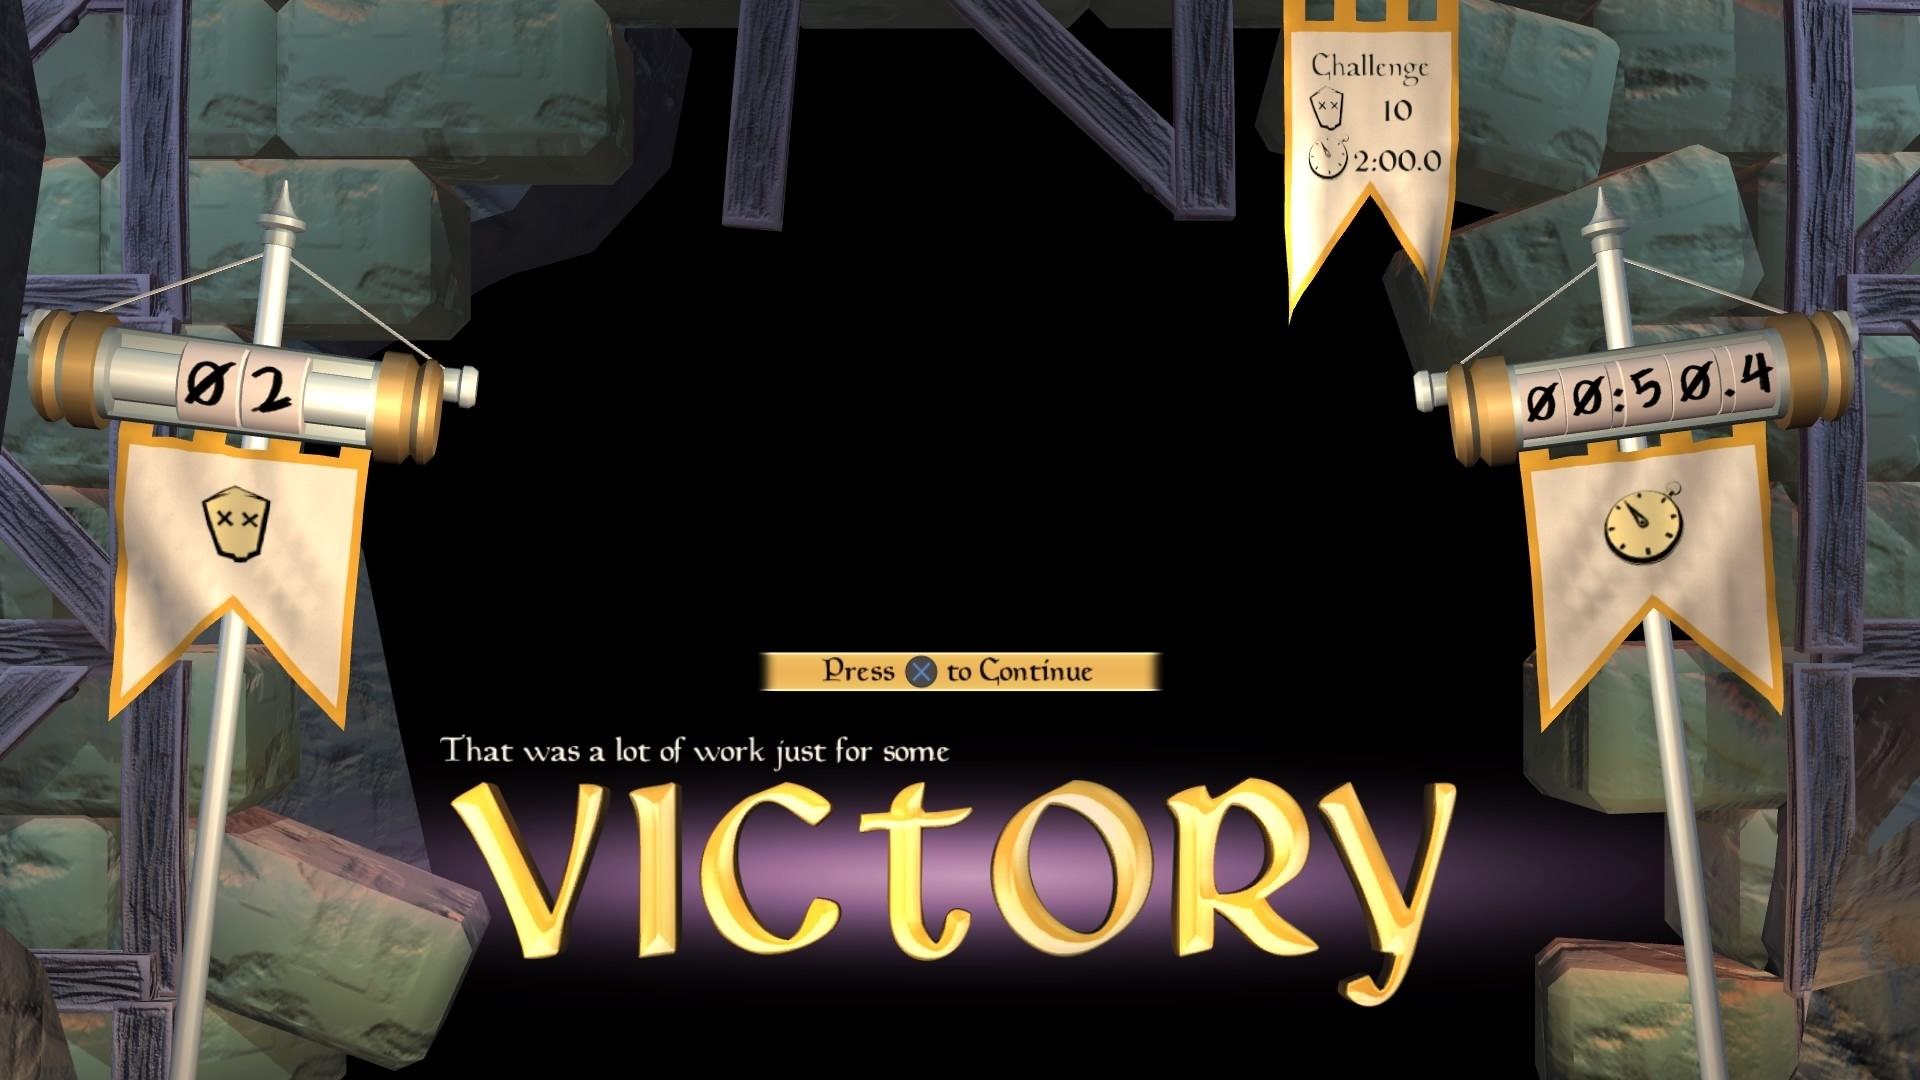 這款遊戲用戲謔的方式告訴你:什麼叫一將功成萬骨枯